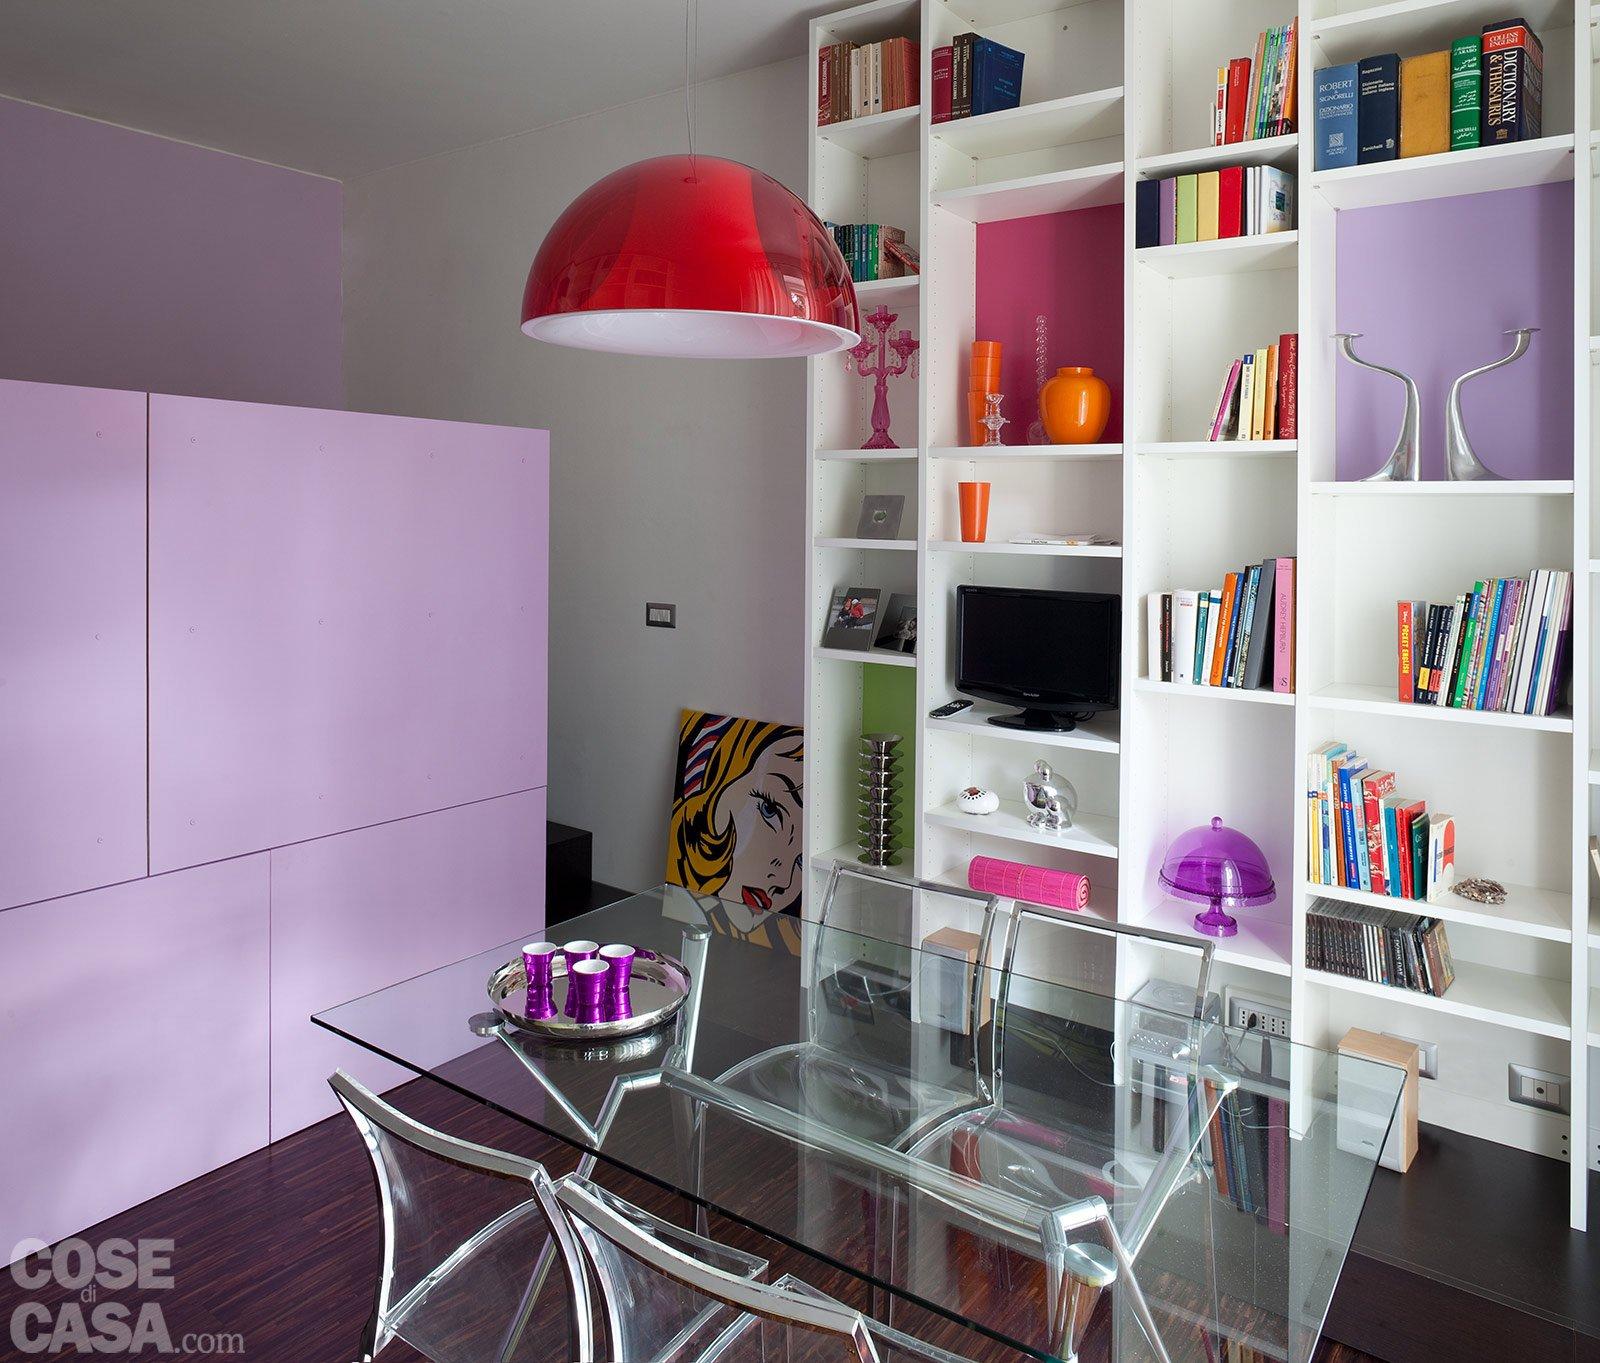 Una casa di 40 mq monolocale con cucina separata cose di casa - Idee salvaspazio casa ...